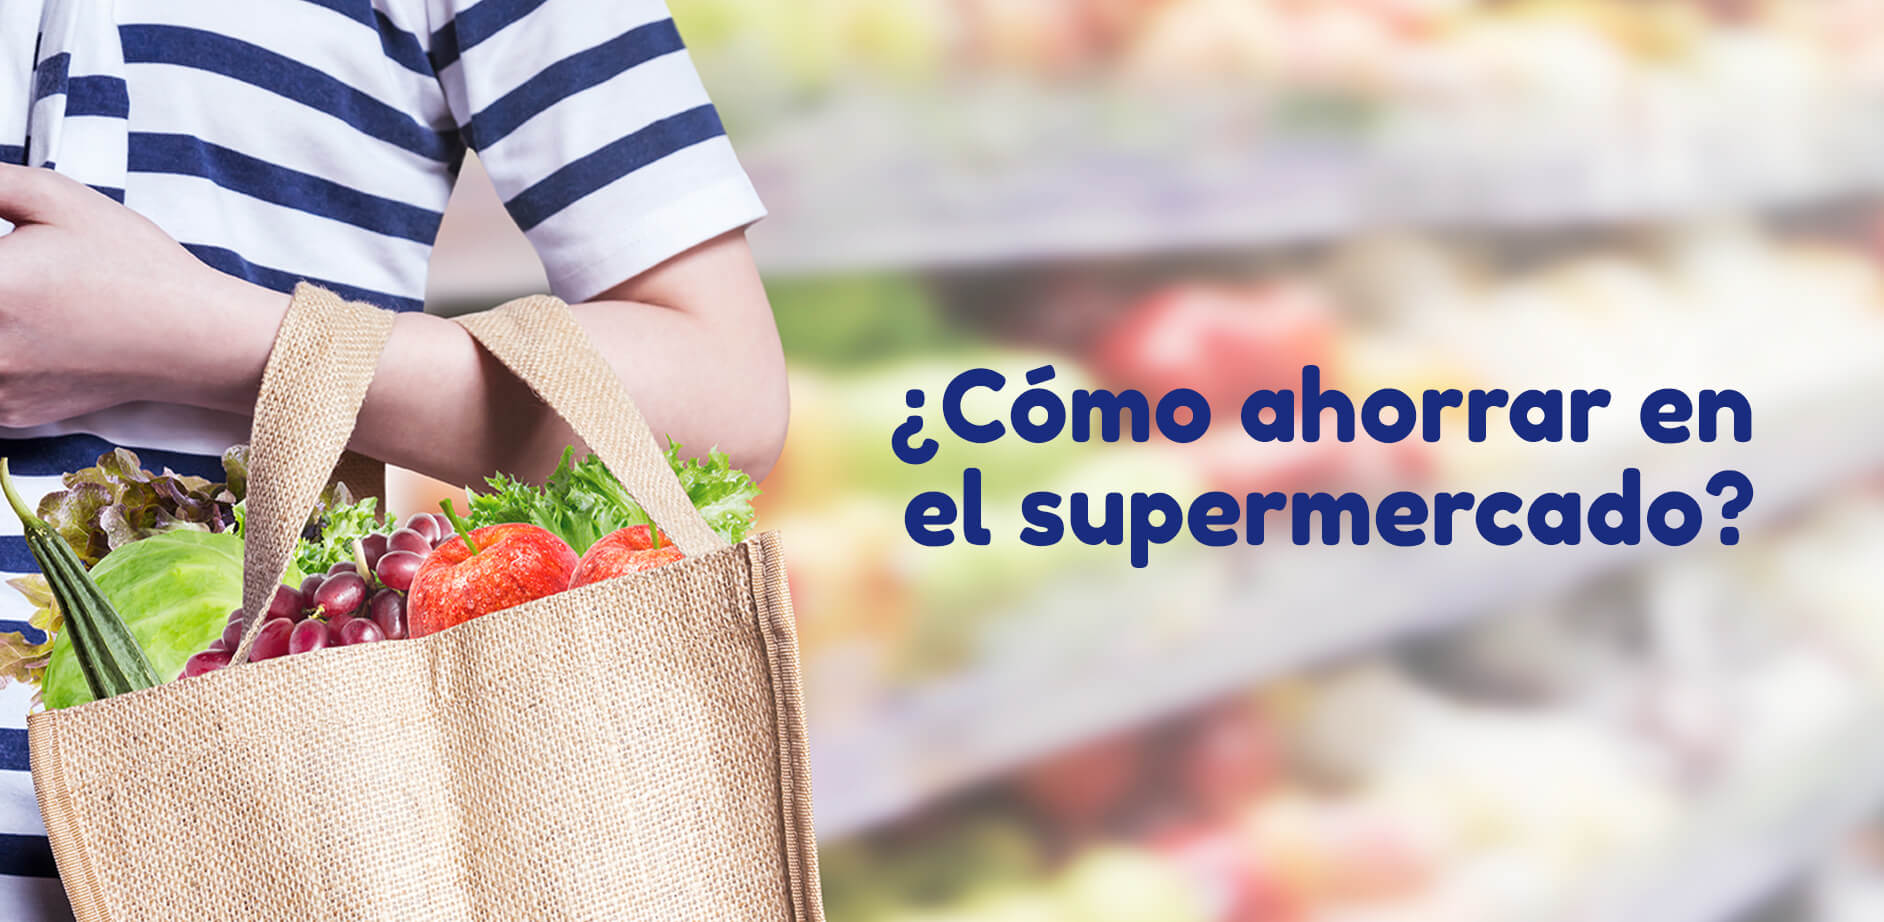 Aquí te daremos algunos consejos que nos han funcionado y que te ayudarán a ahorrar en el supermercado y comprar un poco más de producto para tener una reserva.